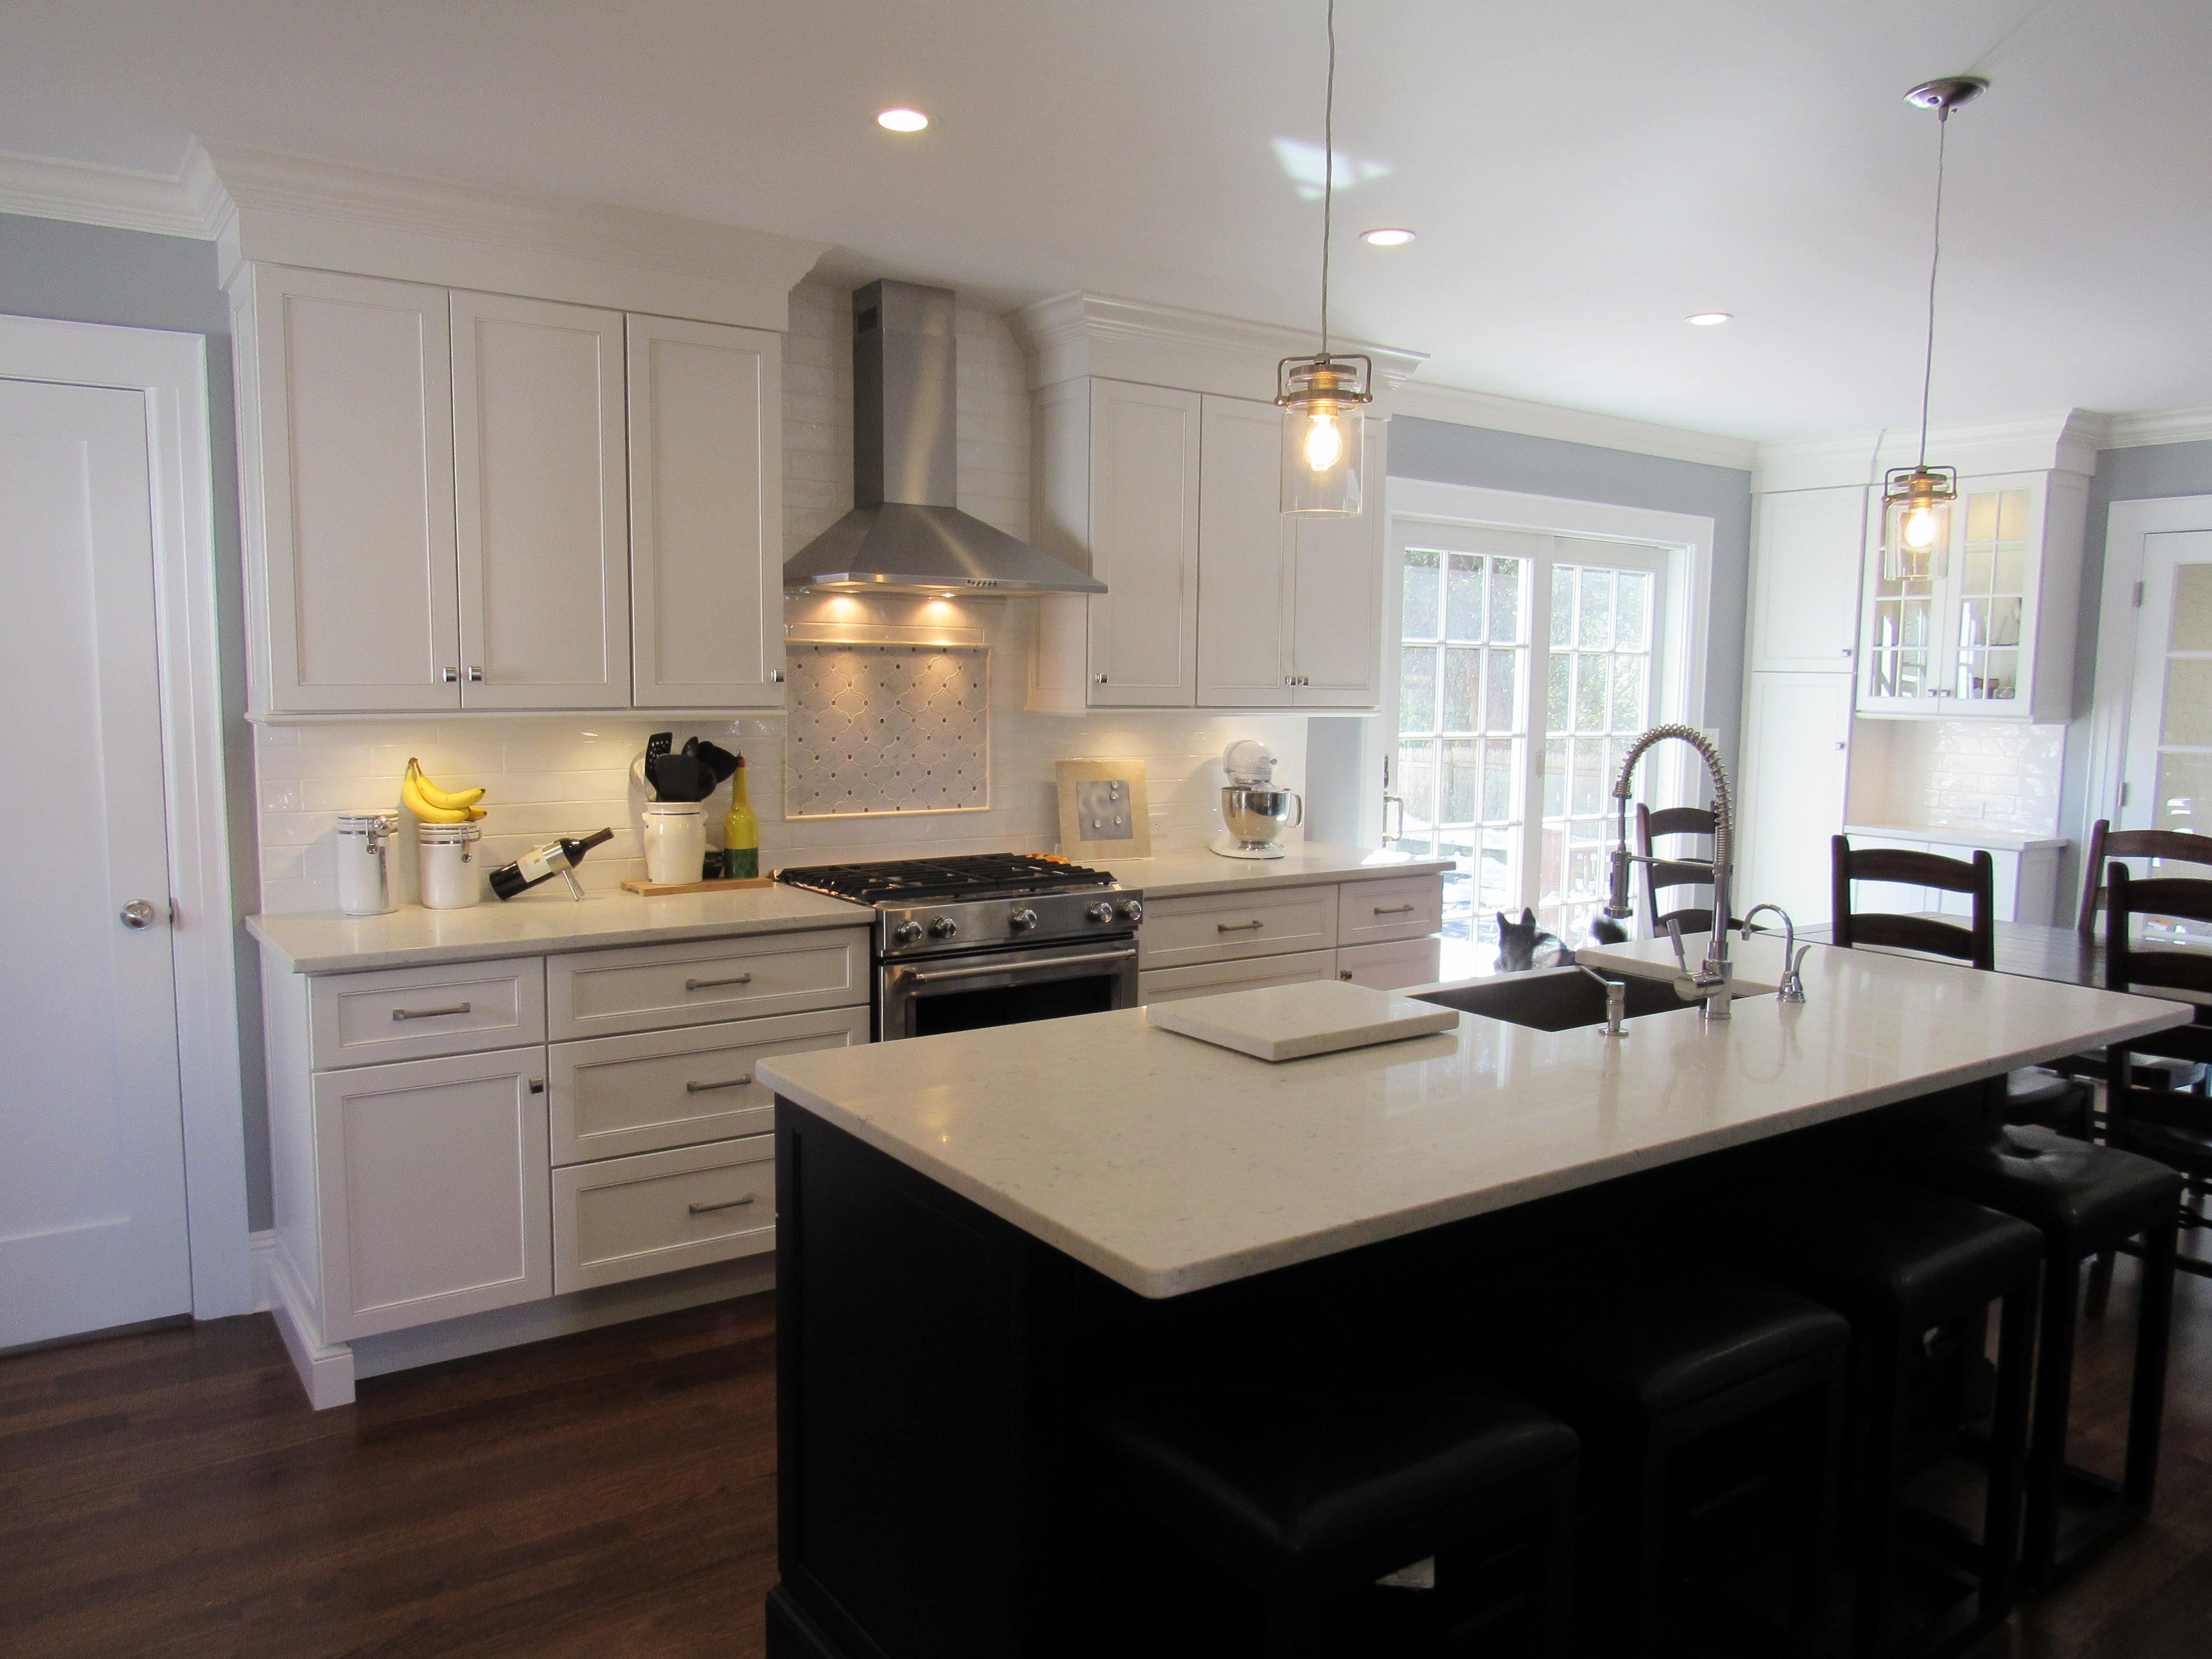 Kitchen Design Gallery - Sterling Kitchen Design